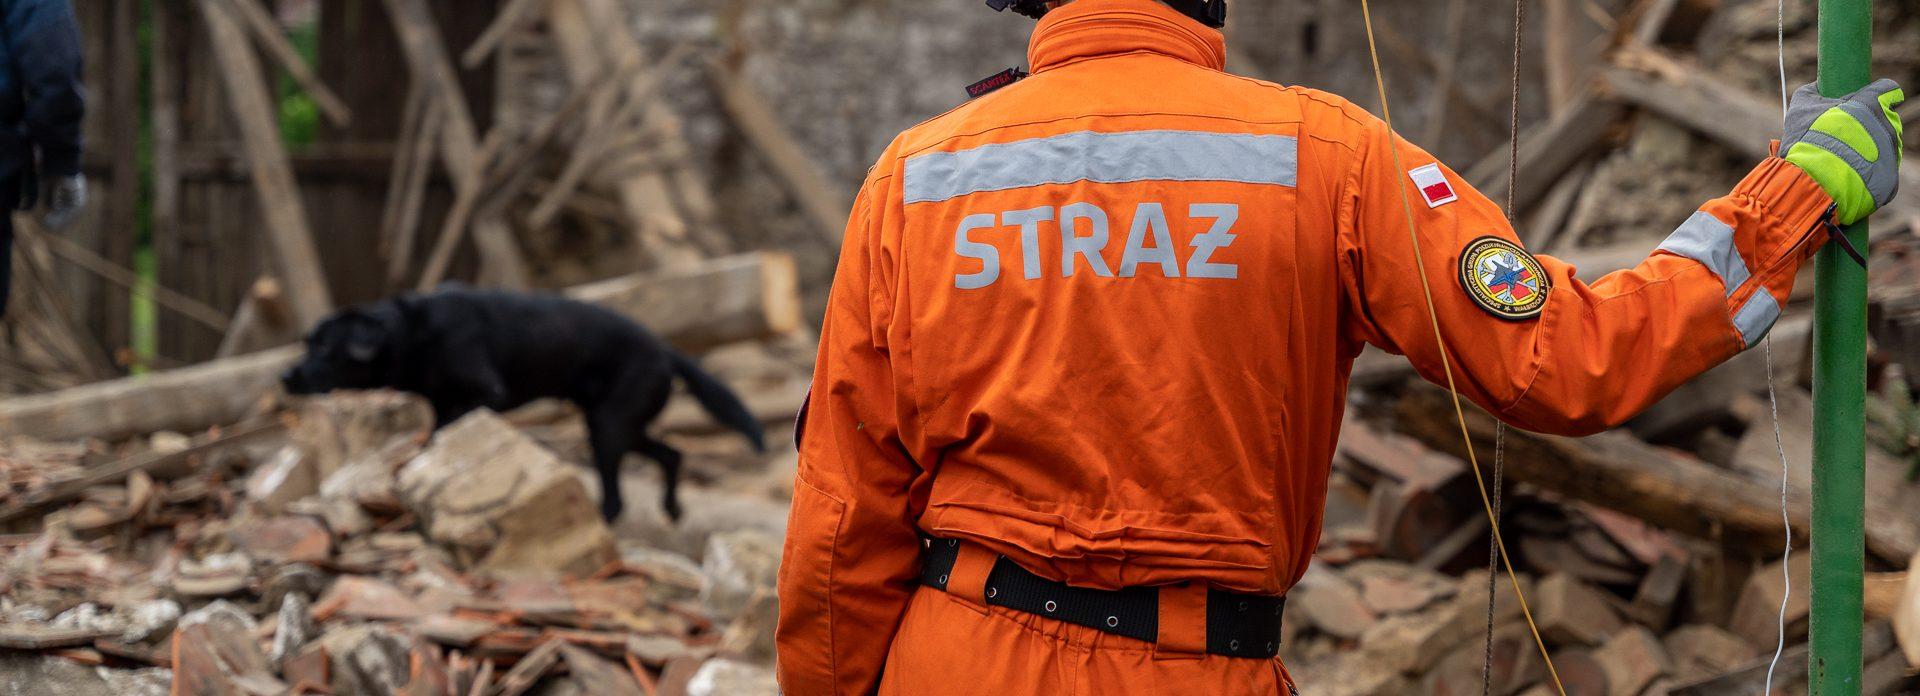 Ochotnicza Straż Pożarna - Jednostka Ratownictwa Specjalistycznego we Wrocławiu